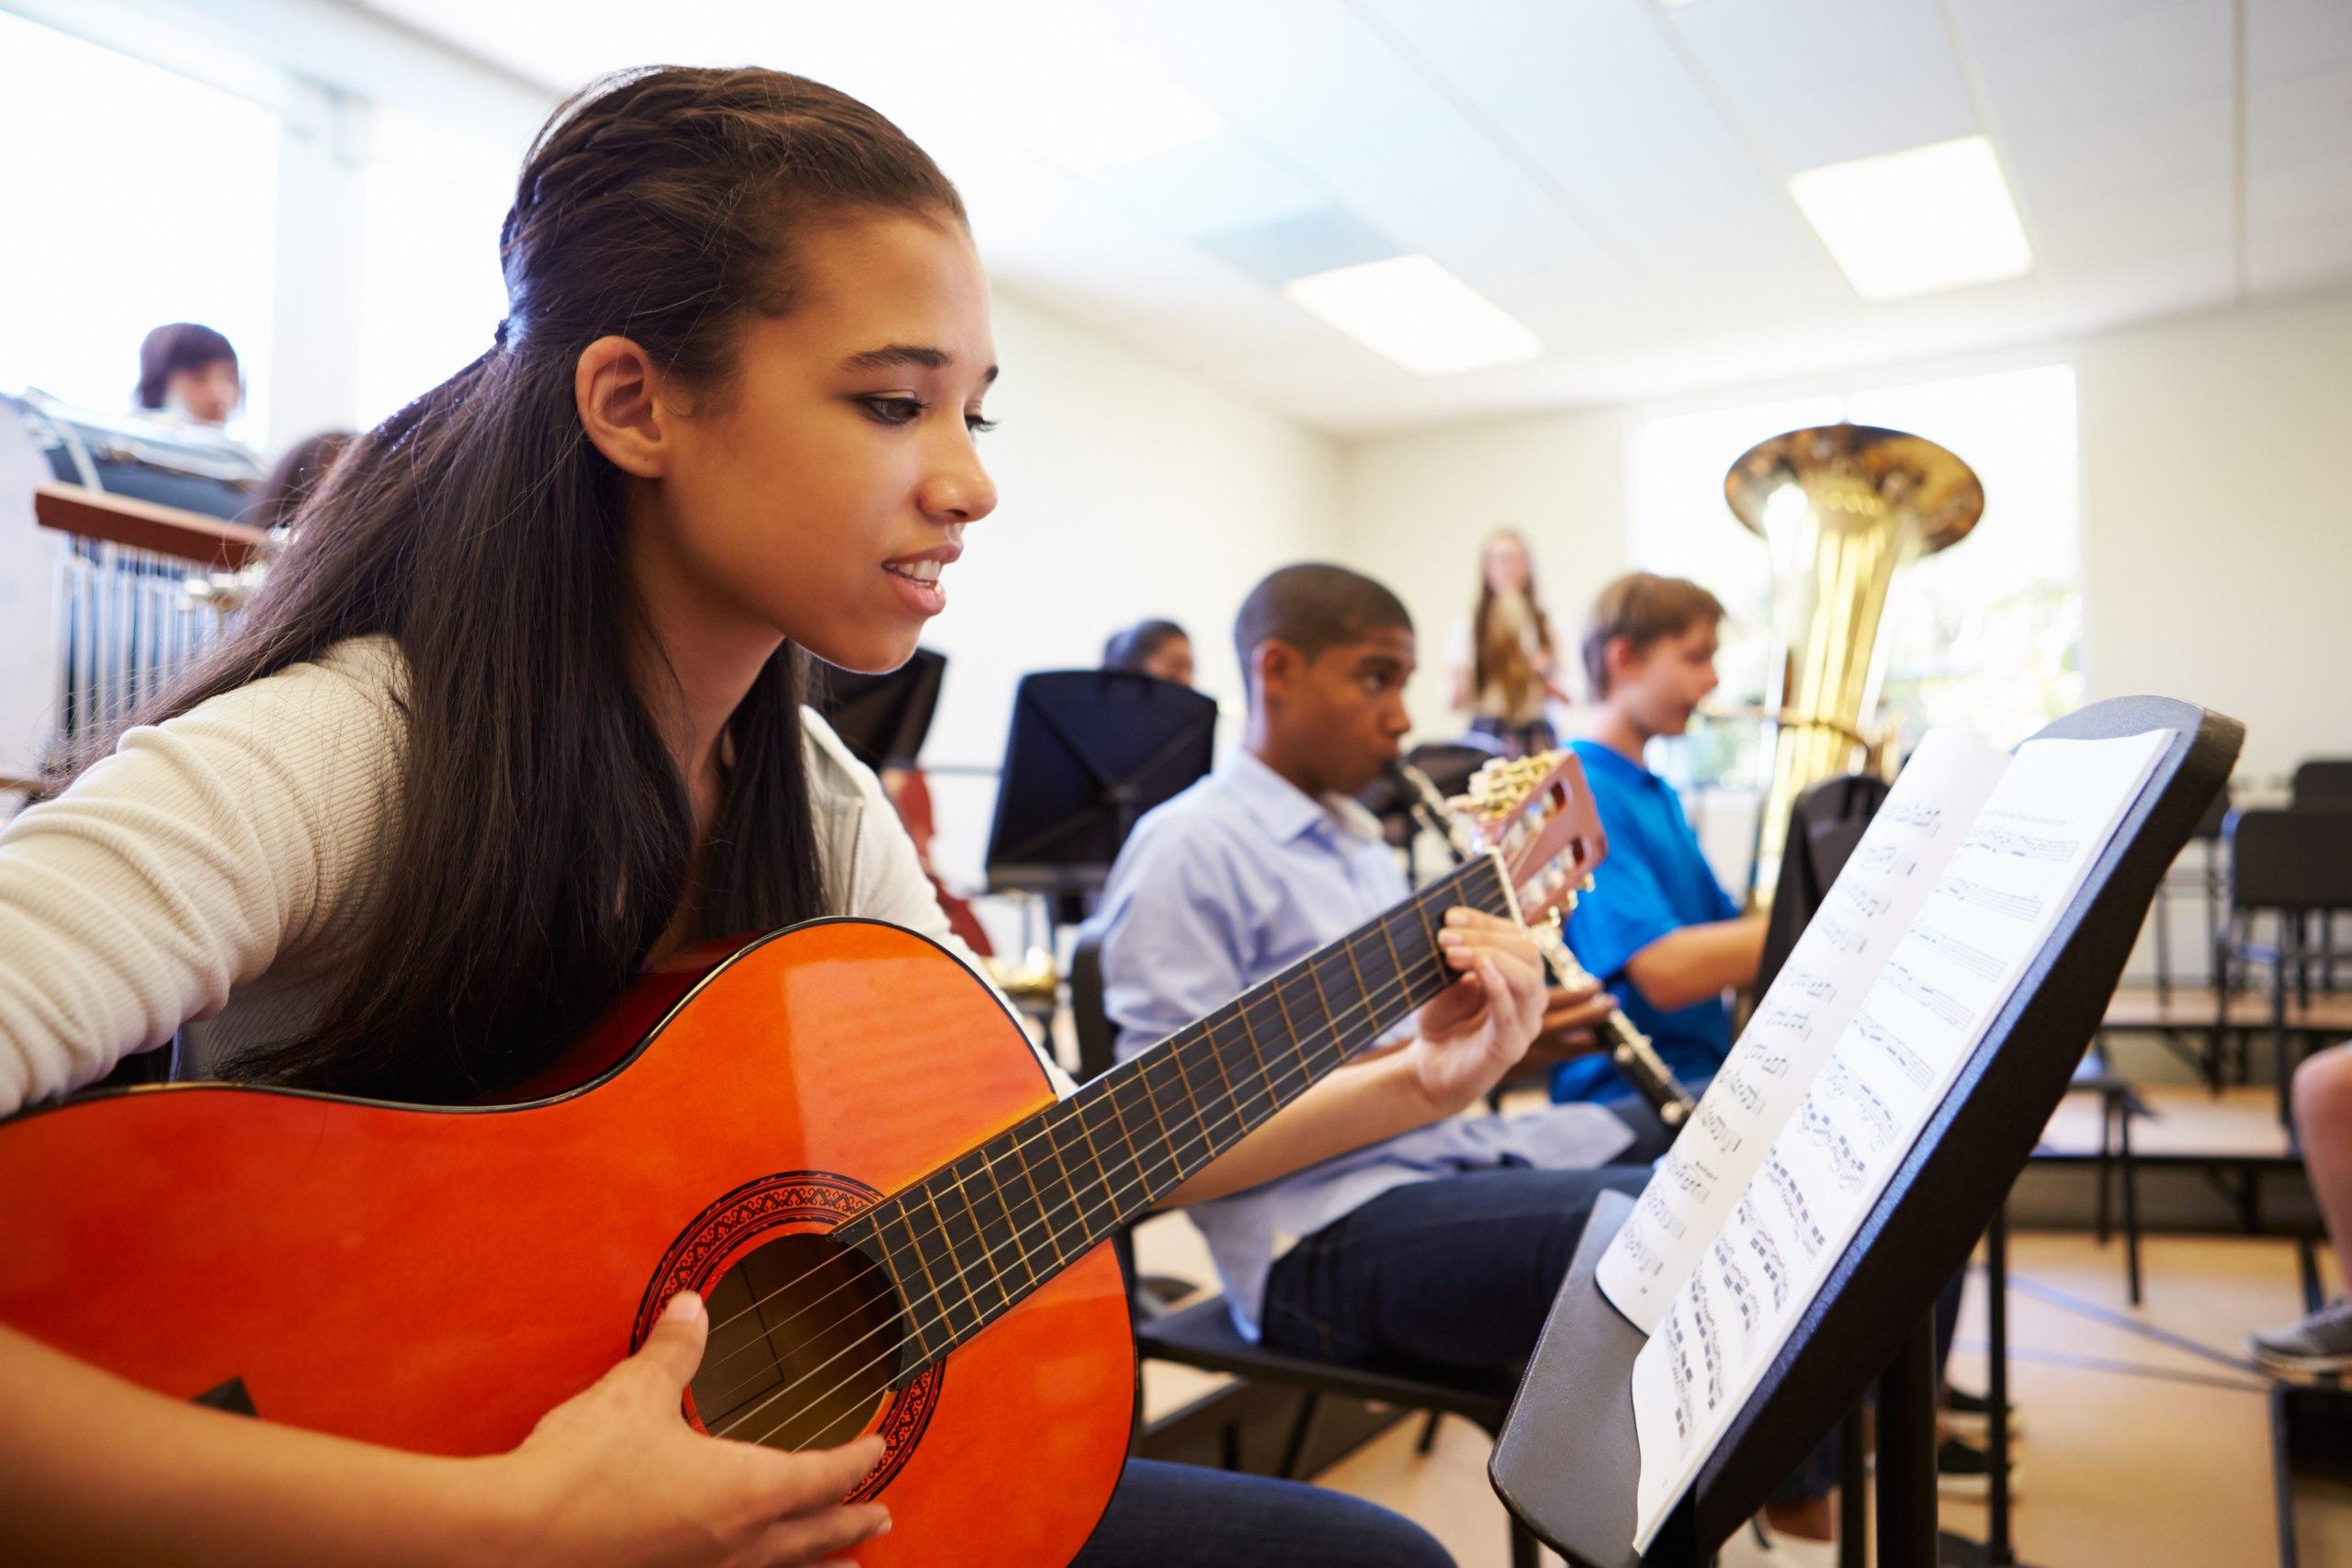 Музыкантами не становятся, музыкантами рождаются?: говорим о музыкальном (само)образовании